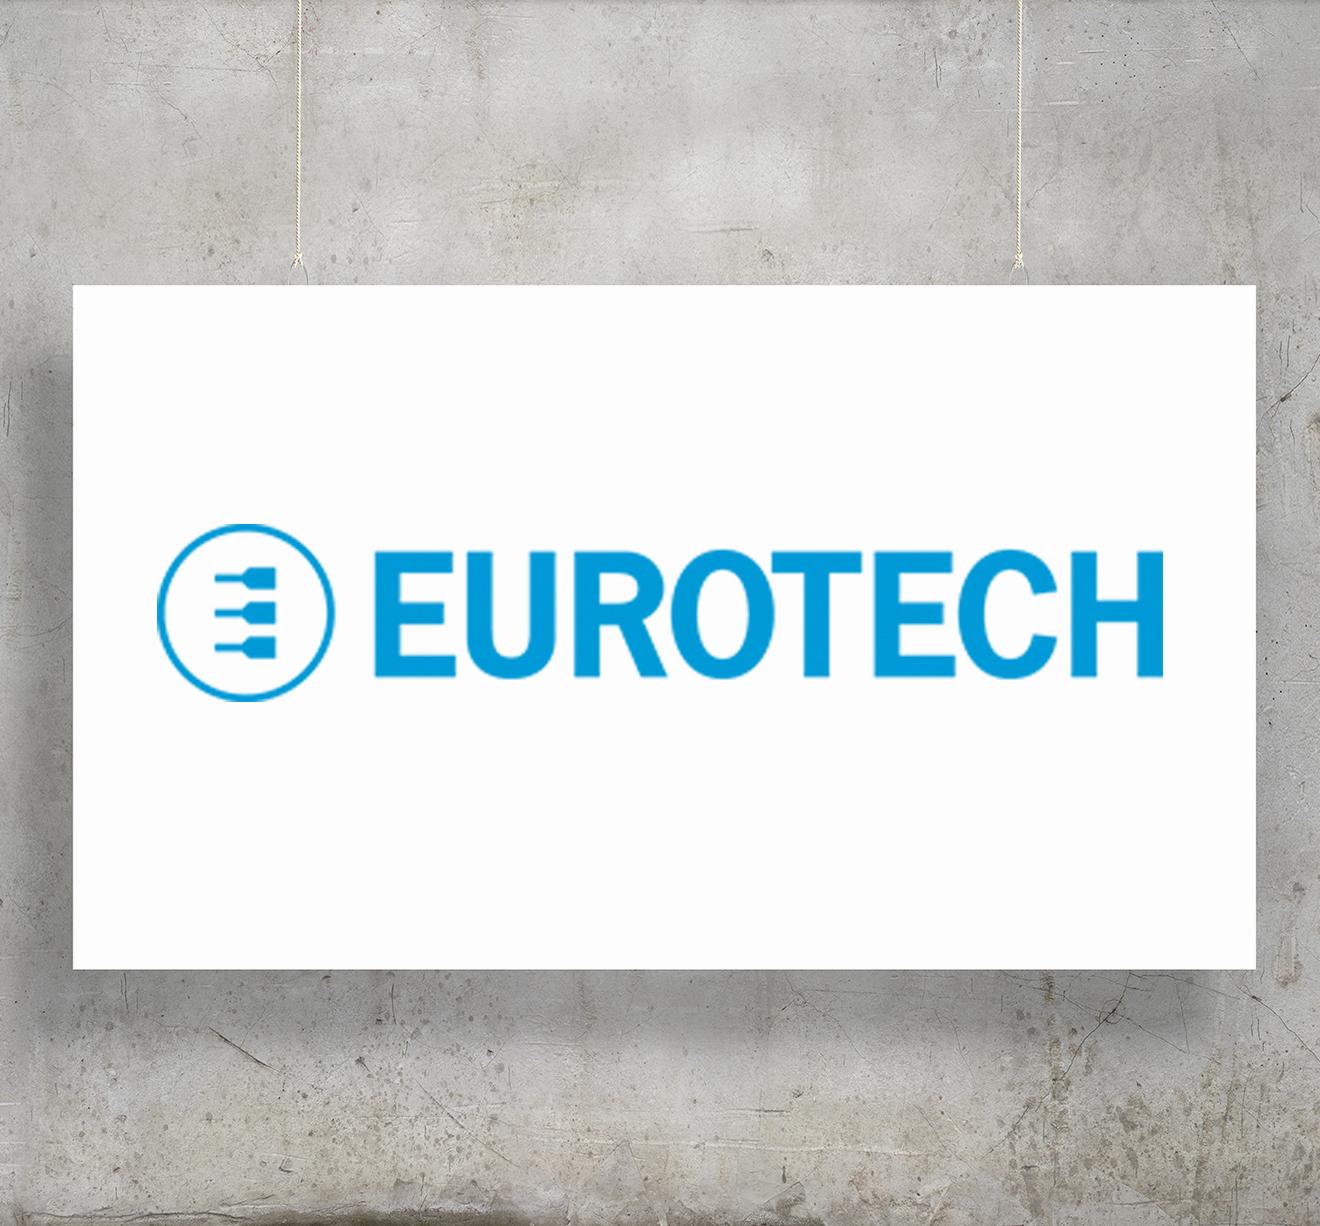 Eurotech Company Profile